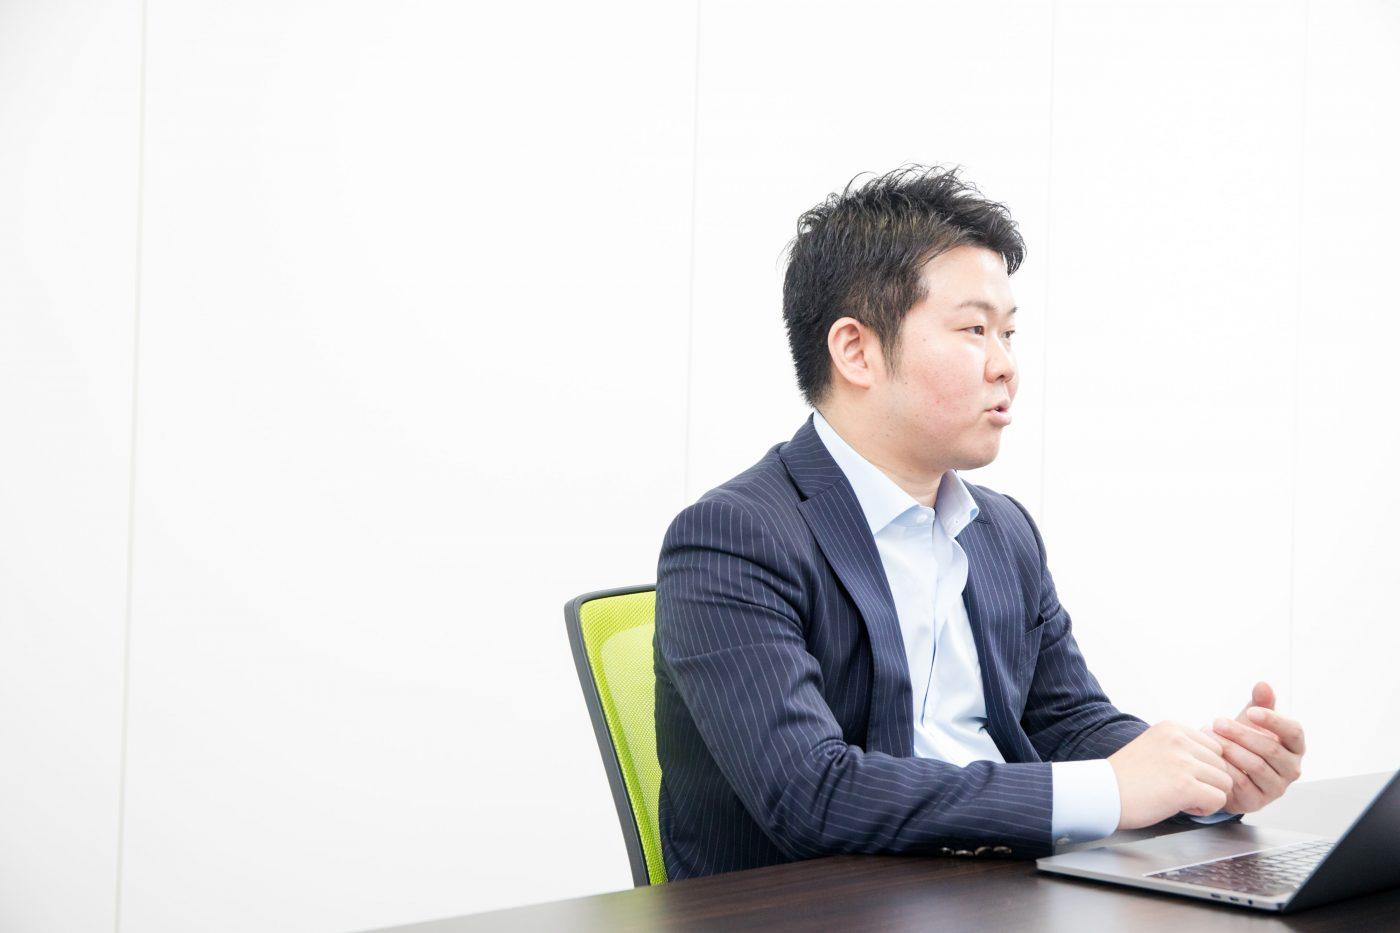 大企業であるからこその弊害を経験した吉田氏は、その後スピード感を持ってサービスを生み出したいと考え、転職活動を始める。スタートアップが次々に生まれていた2006年、彼が次のキャリアとして選んだのは、設立から約1年半しか経っていないグリー株式会社(以下、グリー)だった。